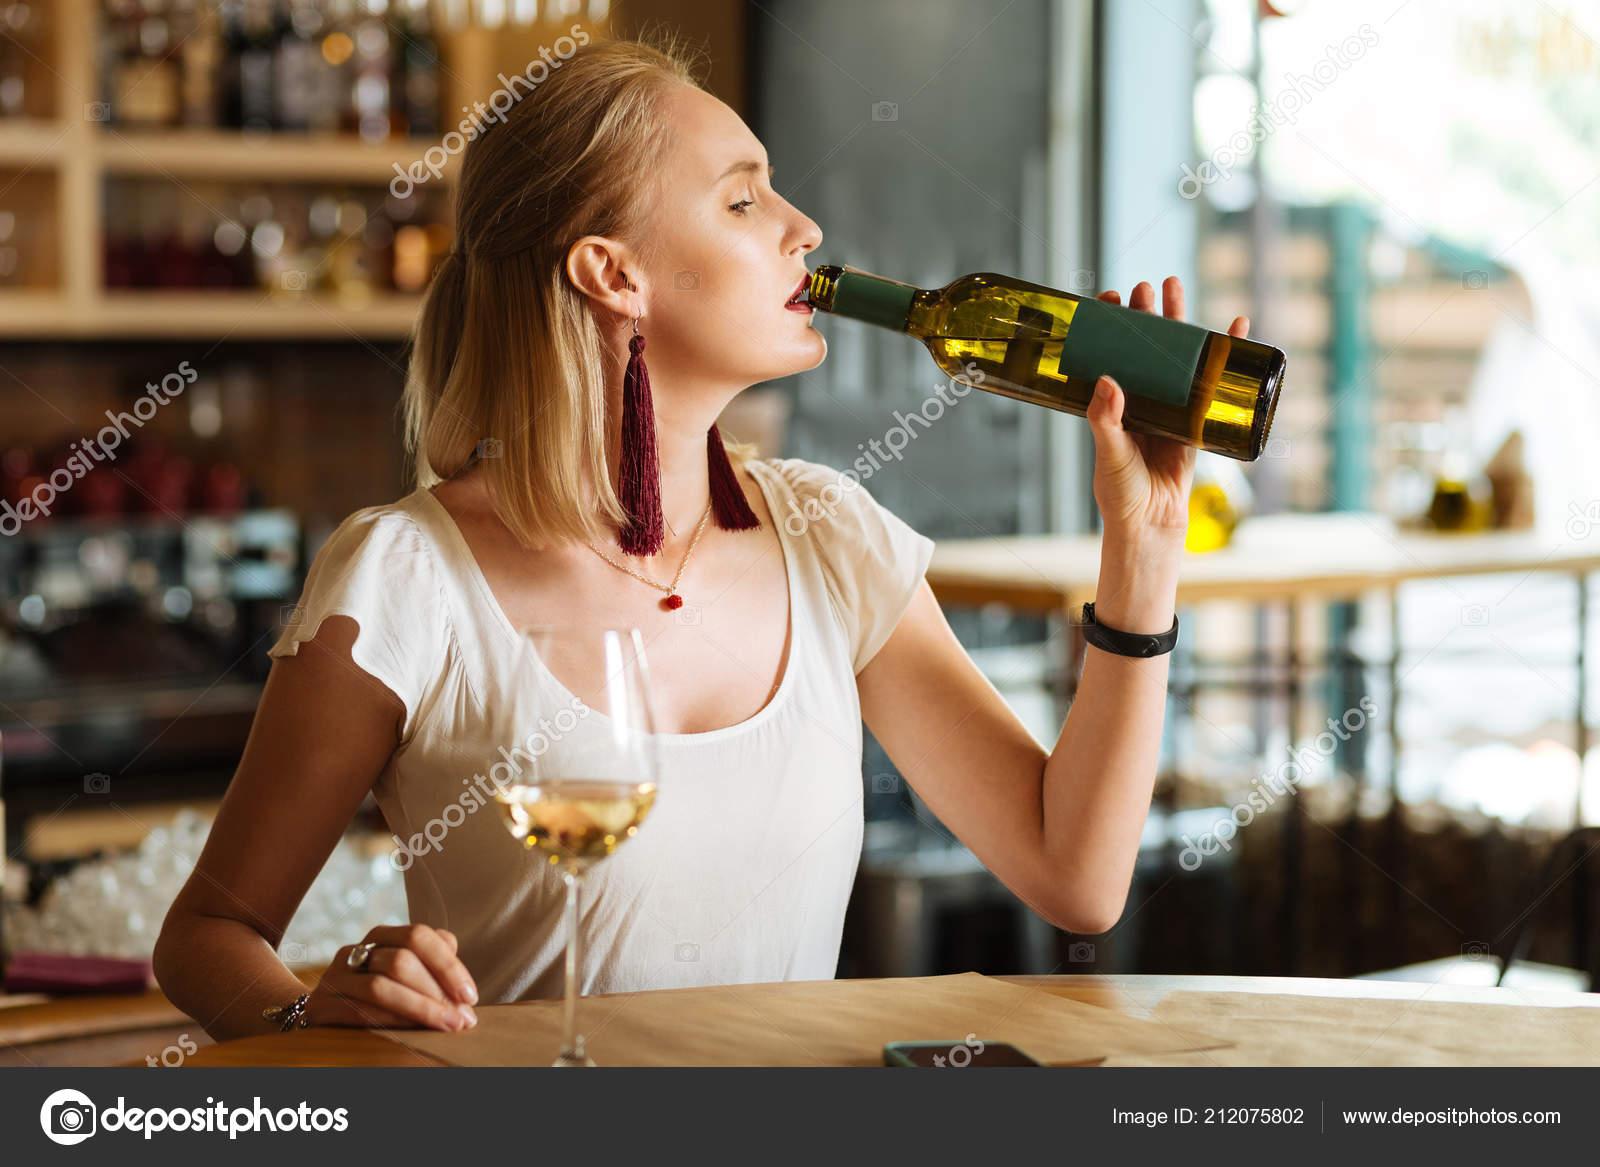 Sie ist nur mit Alkohol kontaktfreudig warum? (Liebe, Beziehung, Mädchen)